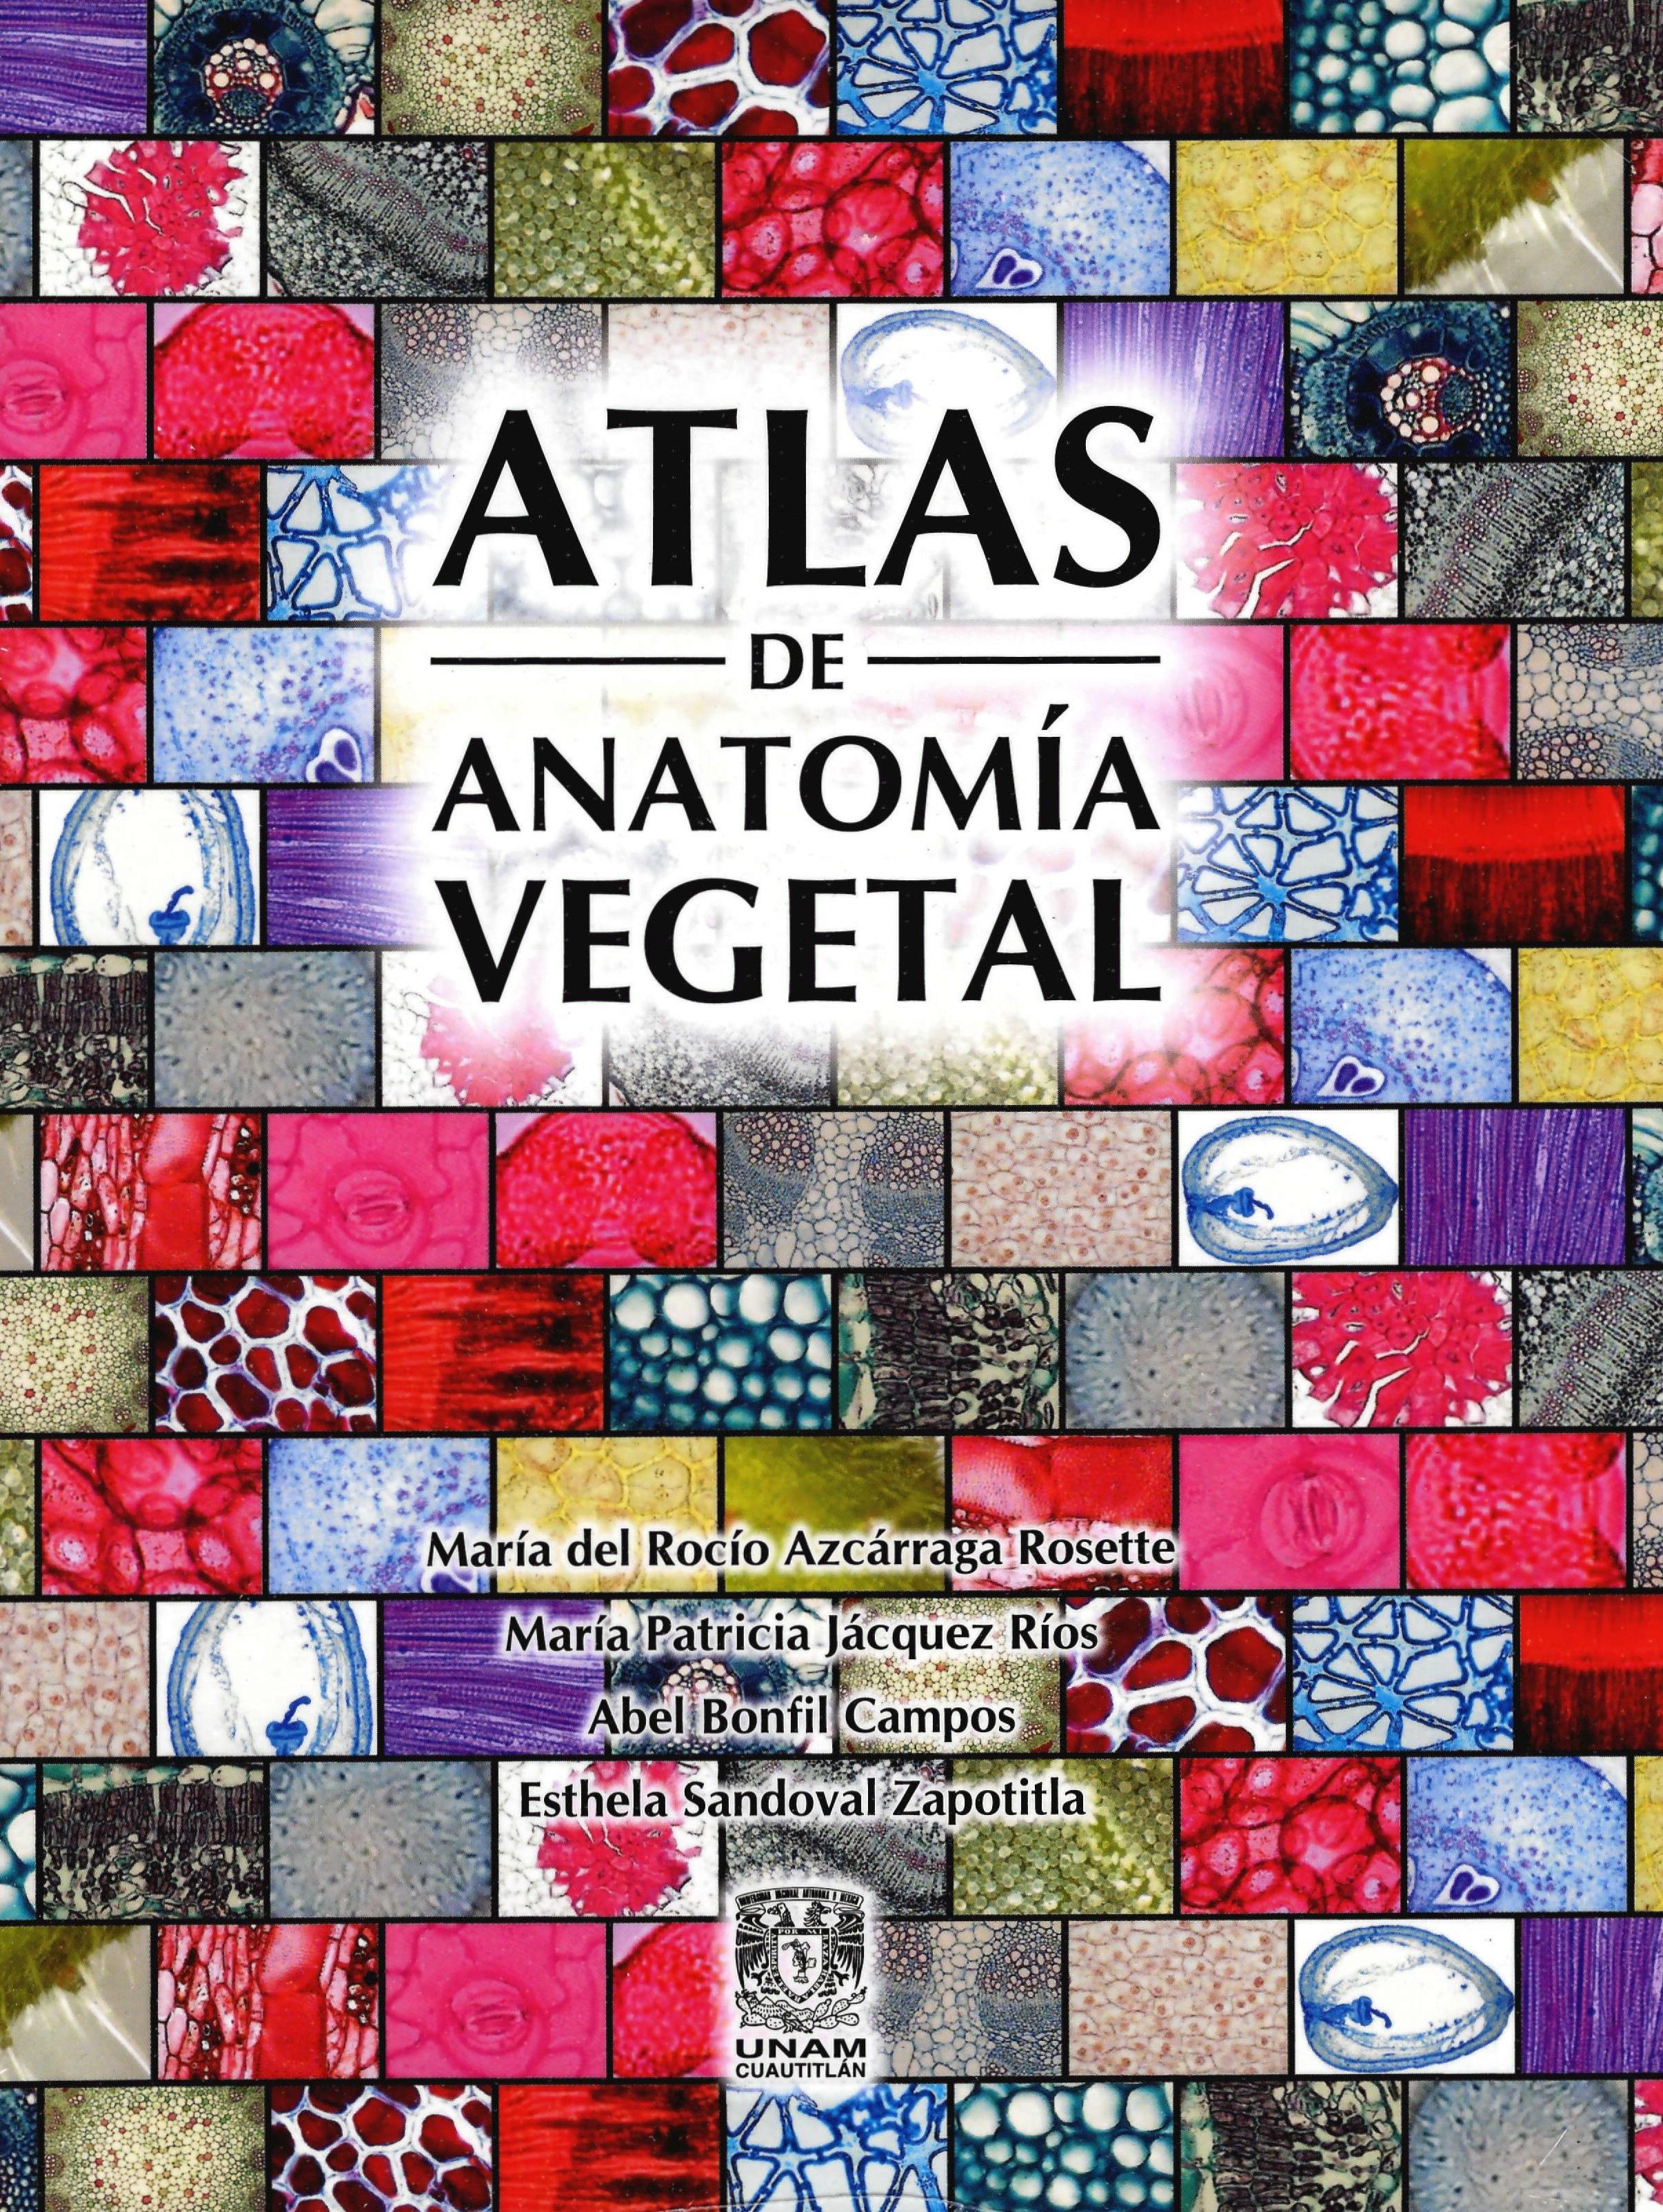 Atlas de anatomía vegetal